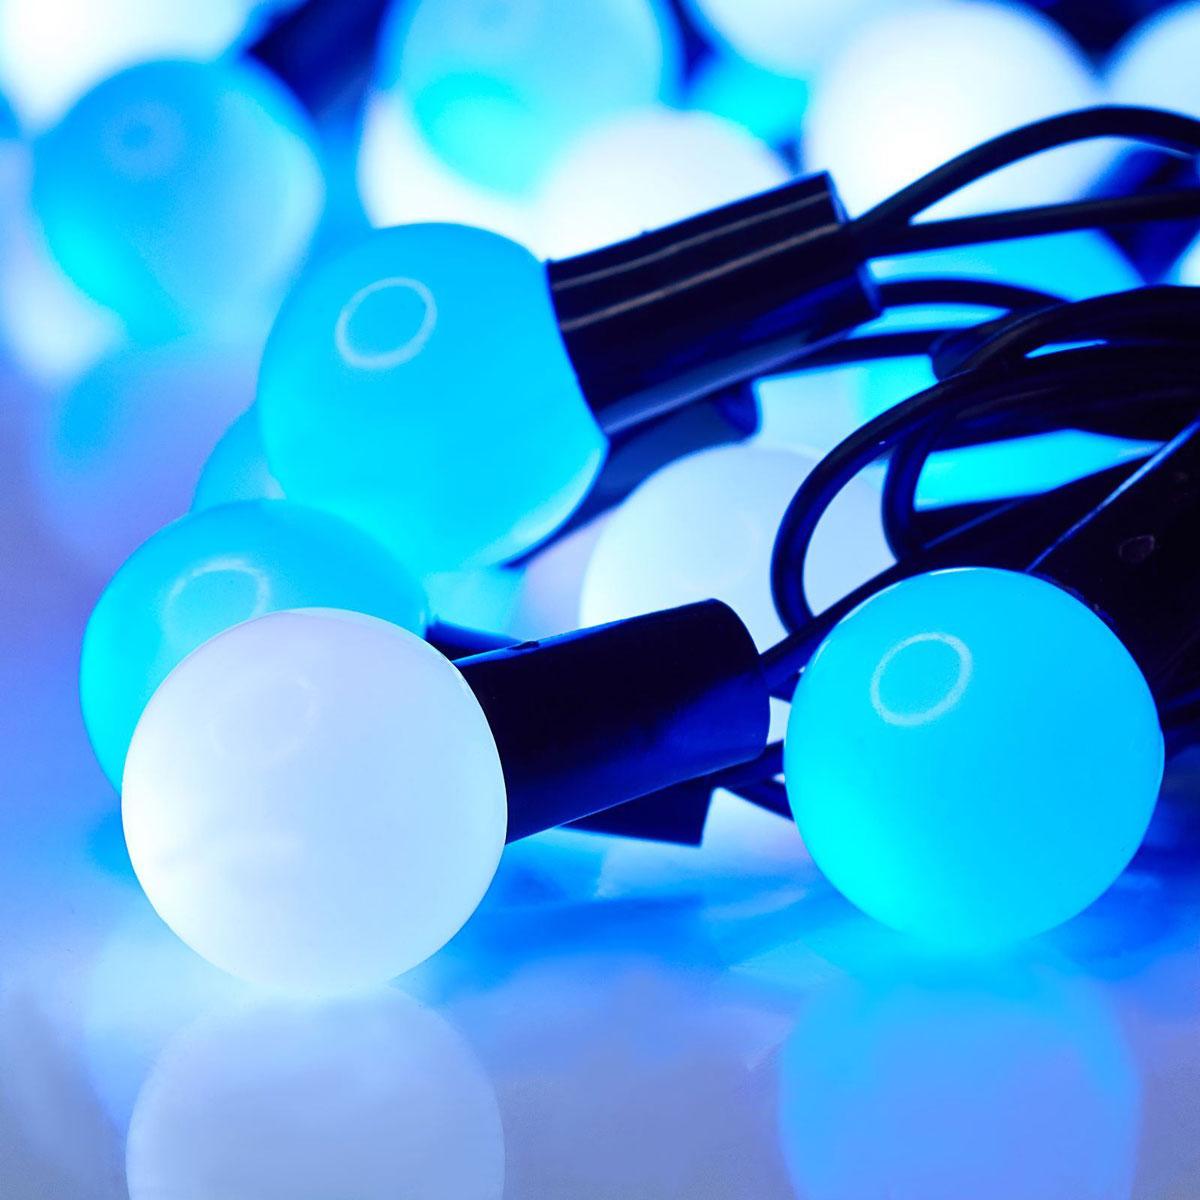 Гирлянда светодиодная Luazon Метраж. Шарики большие, уличная с насадкой, моргает, 50 ламп, 220 V, 6 м, цвет: синий. 10800471080047Светодиодные гирлянды, ленты и т.д. — это отличный вариант для новогоднего оформления интерьера или фасада. С их помощью помещение любого размера можно превратить в праздничный зал, а внешние элементы зданий, украшенные ими, мгновенно станут напоминать очертания сказочного дворца. Такие украшения создают ауру предвкушения чуда. Деревья, фасады, витрины, окна и арки будто специально созданы, чтобы вы украсили их светящимися нитями.